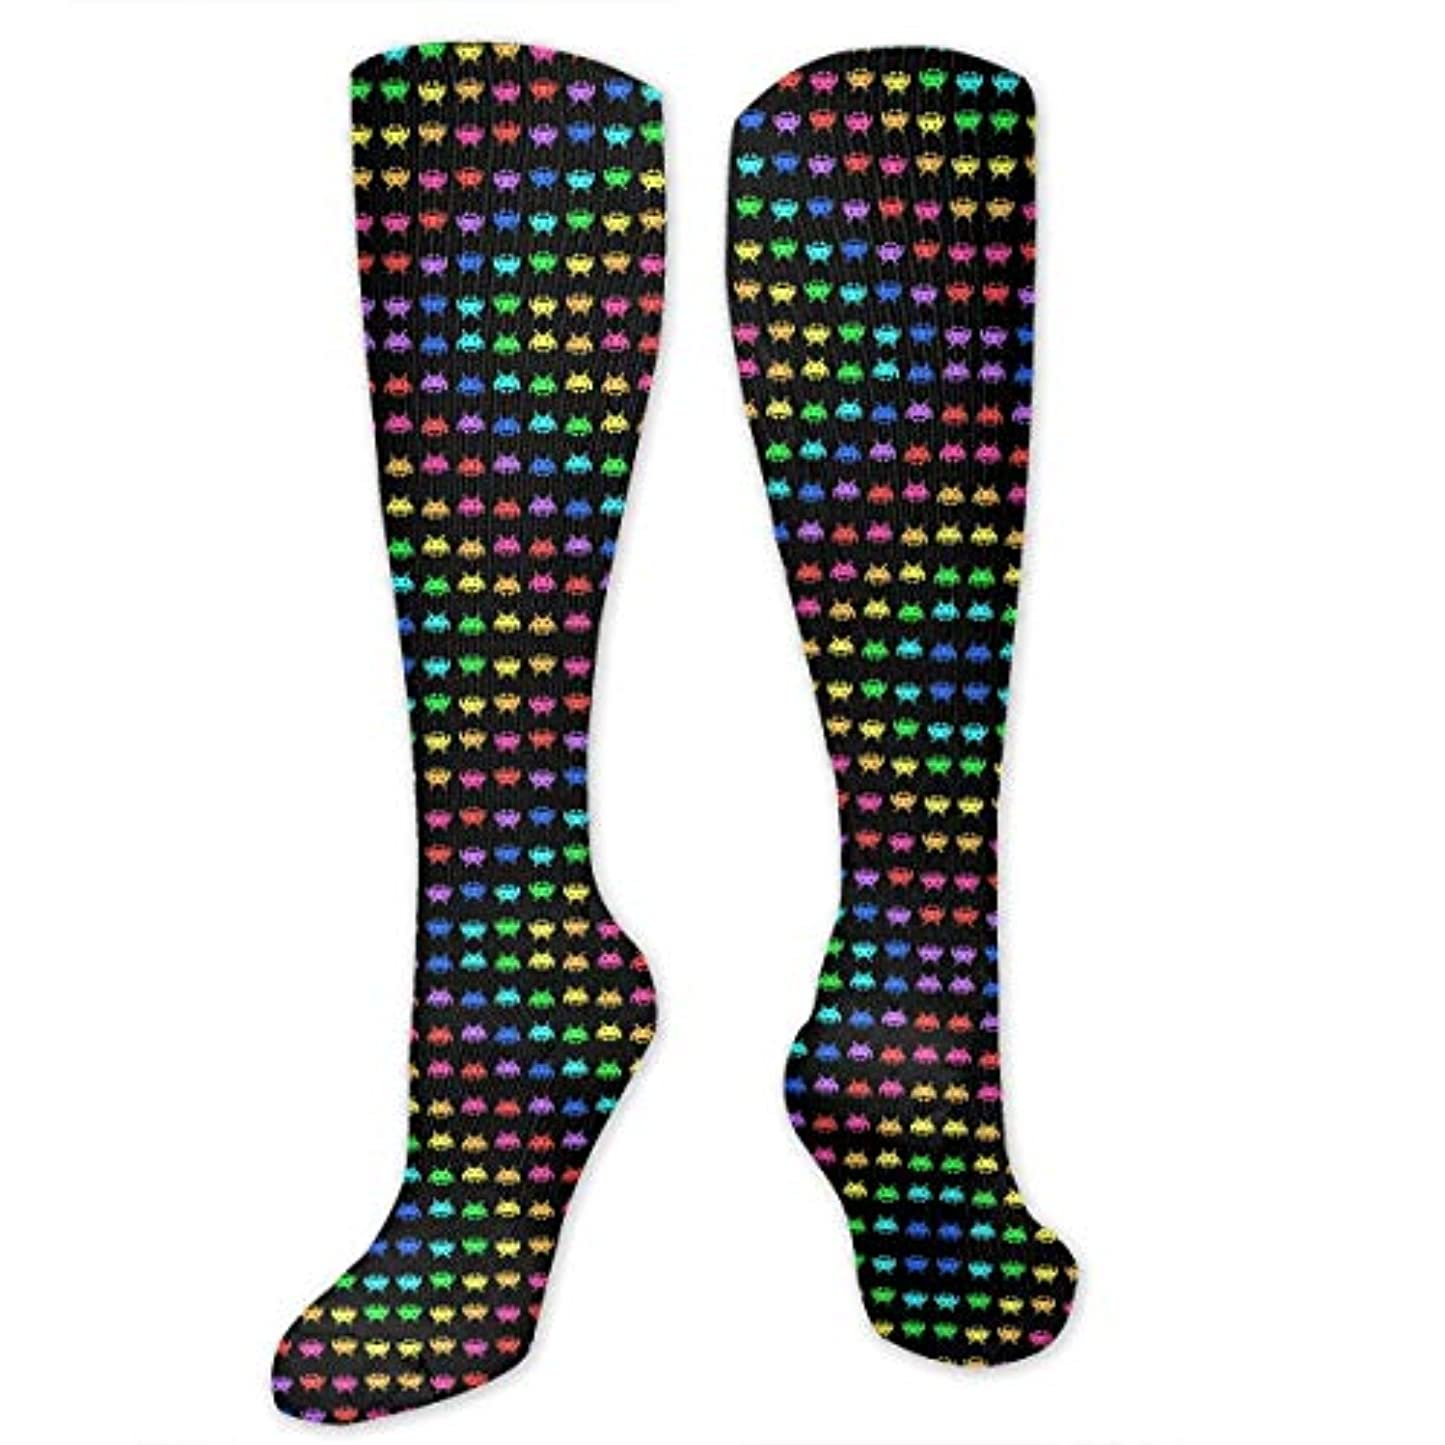 公爵バイソン方法論靴下,ストッキング,野生のジョーカー,実際,秋の本質,冬必須,サマーウェア&RBXAA Space Invaders Black Socks Women's Winter Cotton Long Tube Socks Cotton...